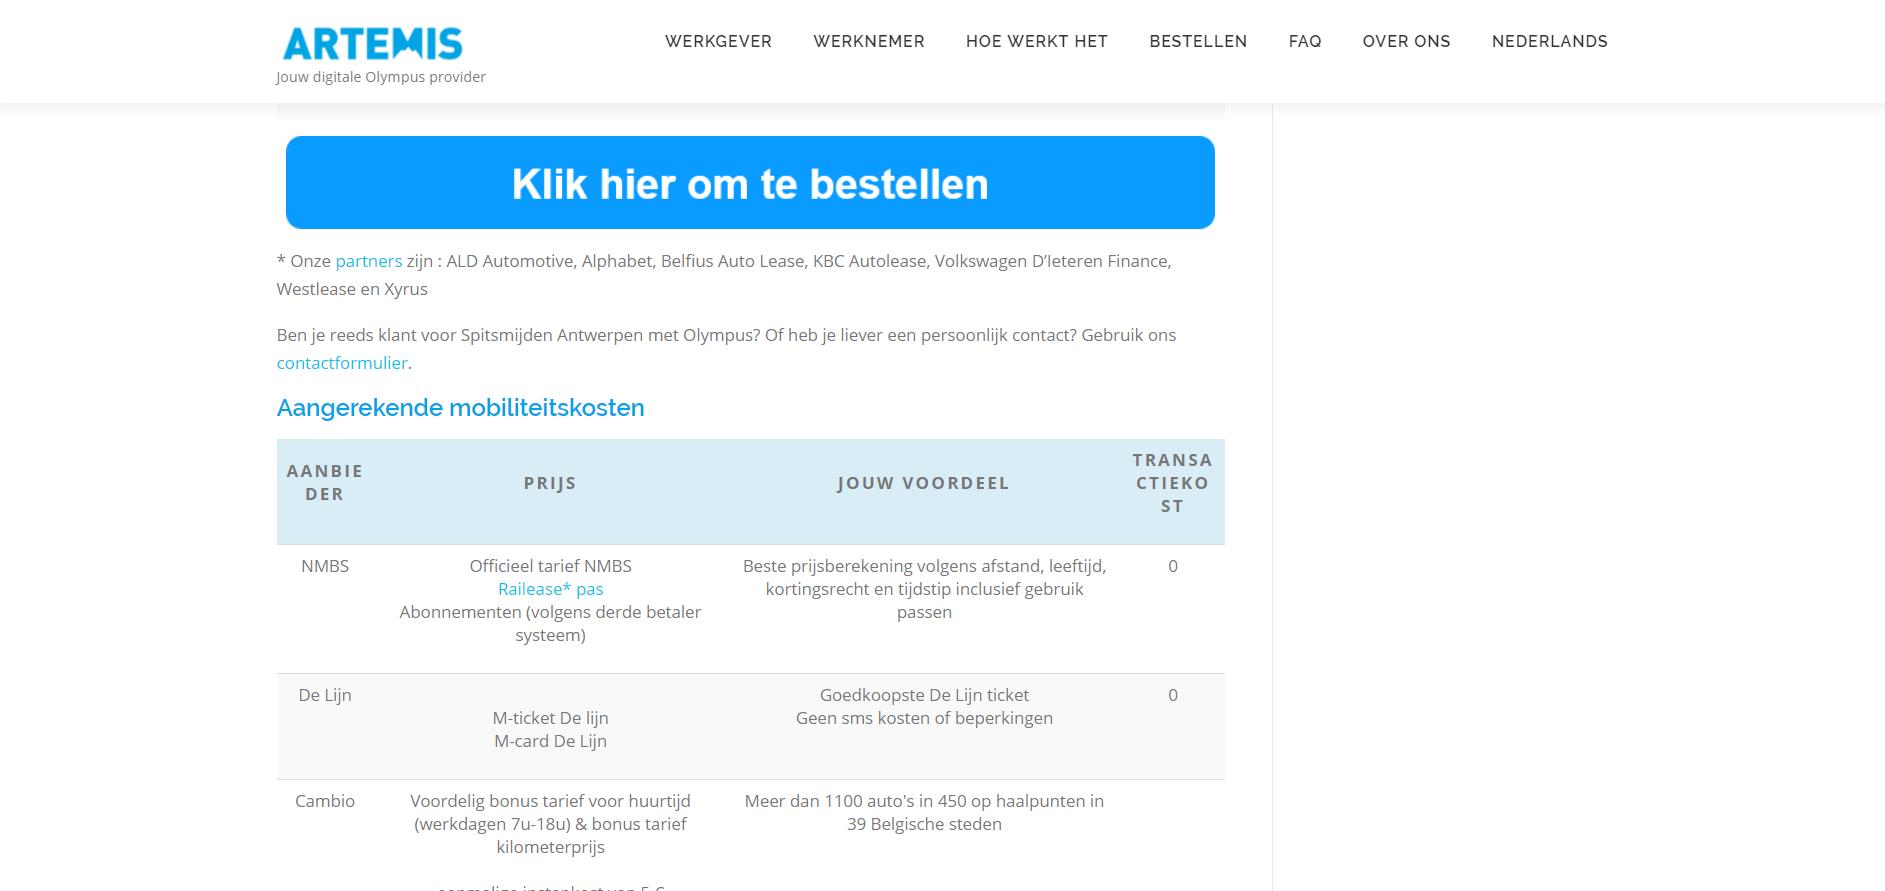 Een screenshot van de artemis-mobility website artemis-mobility.com voor ons website portfolio